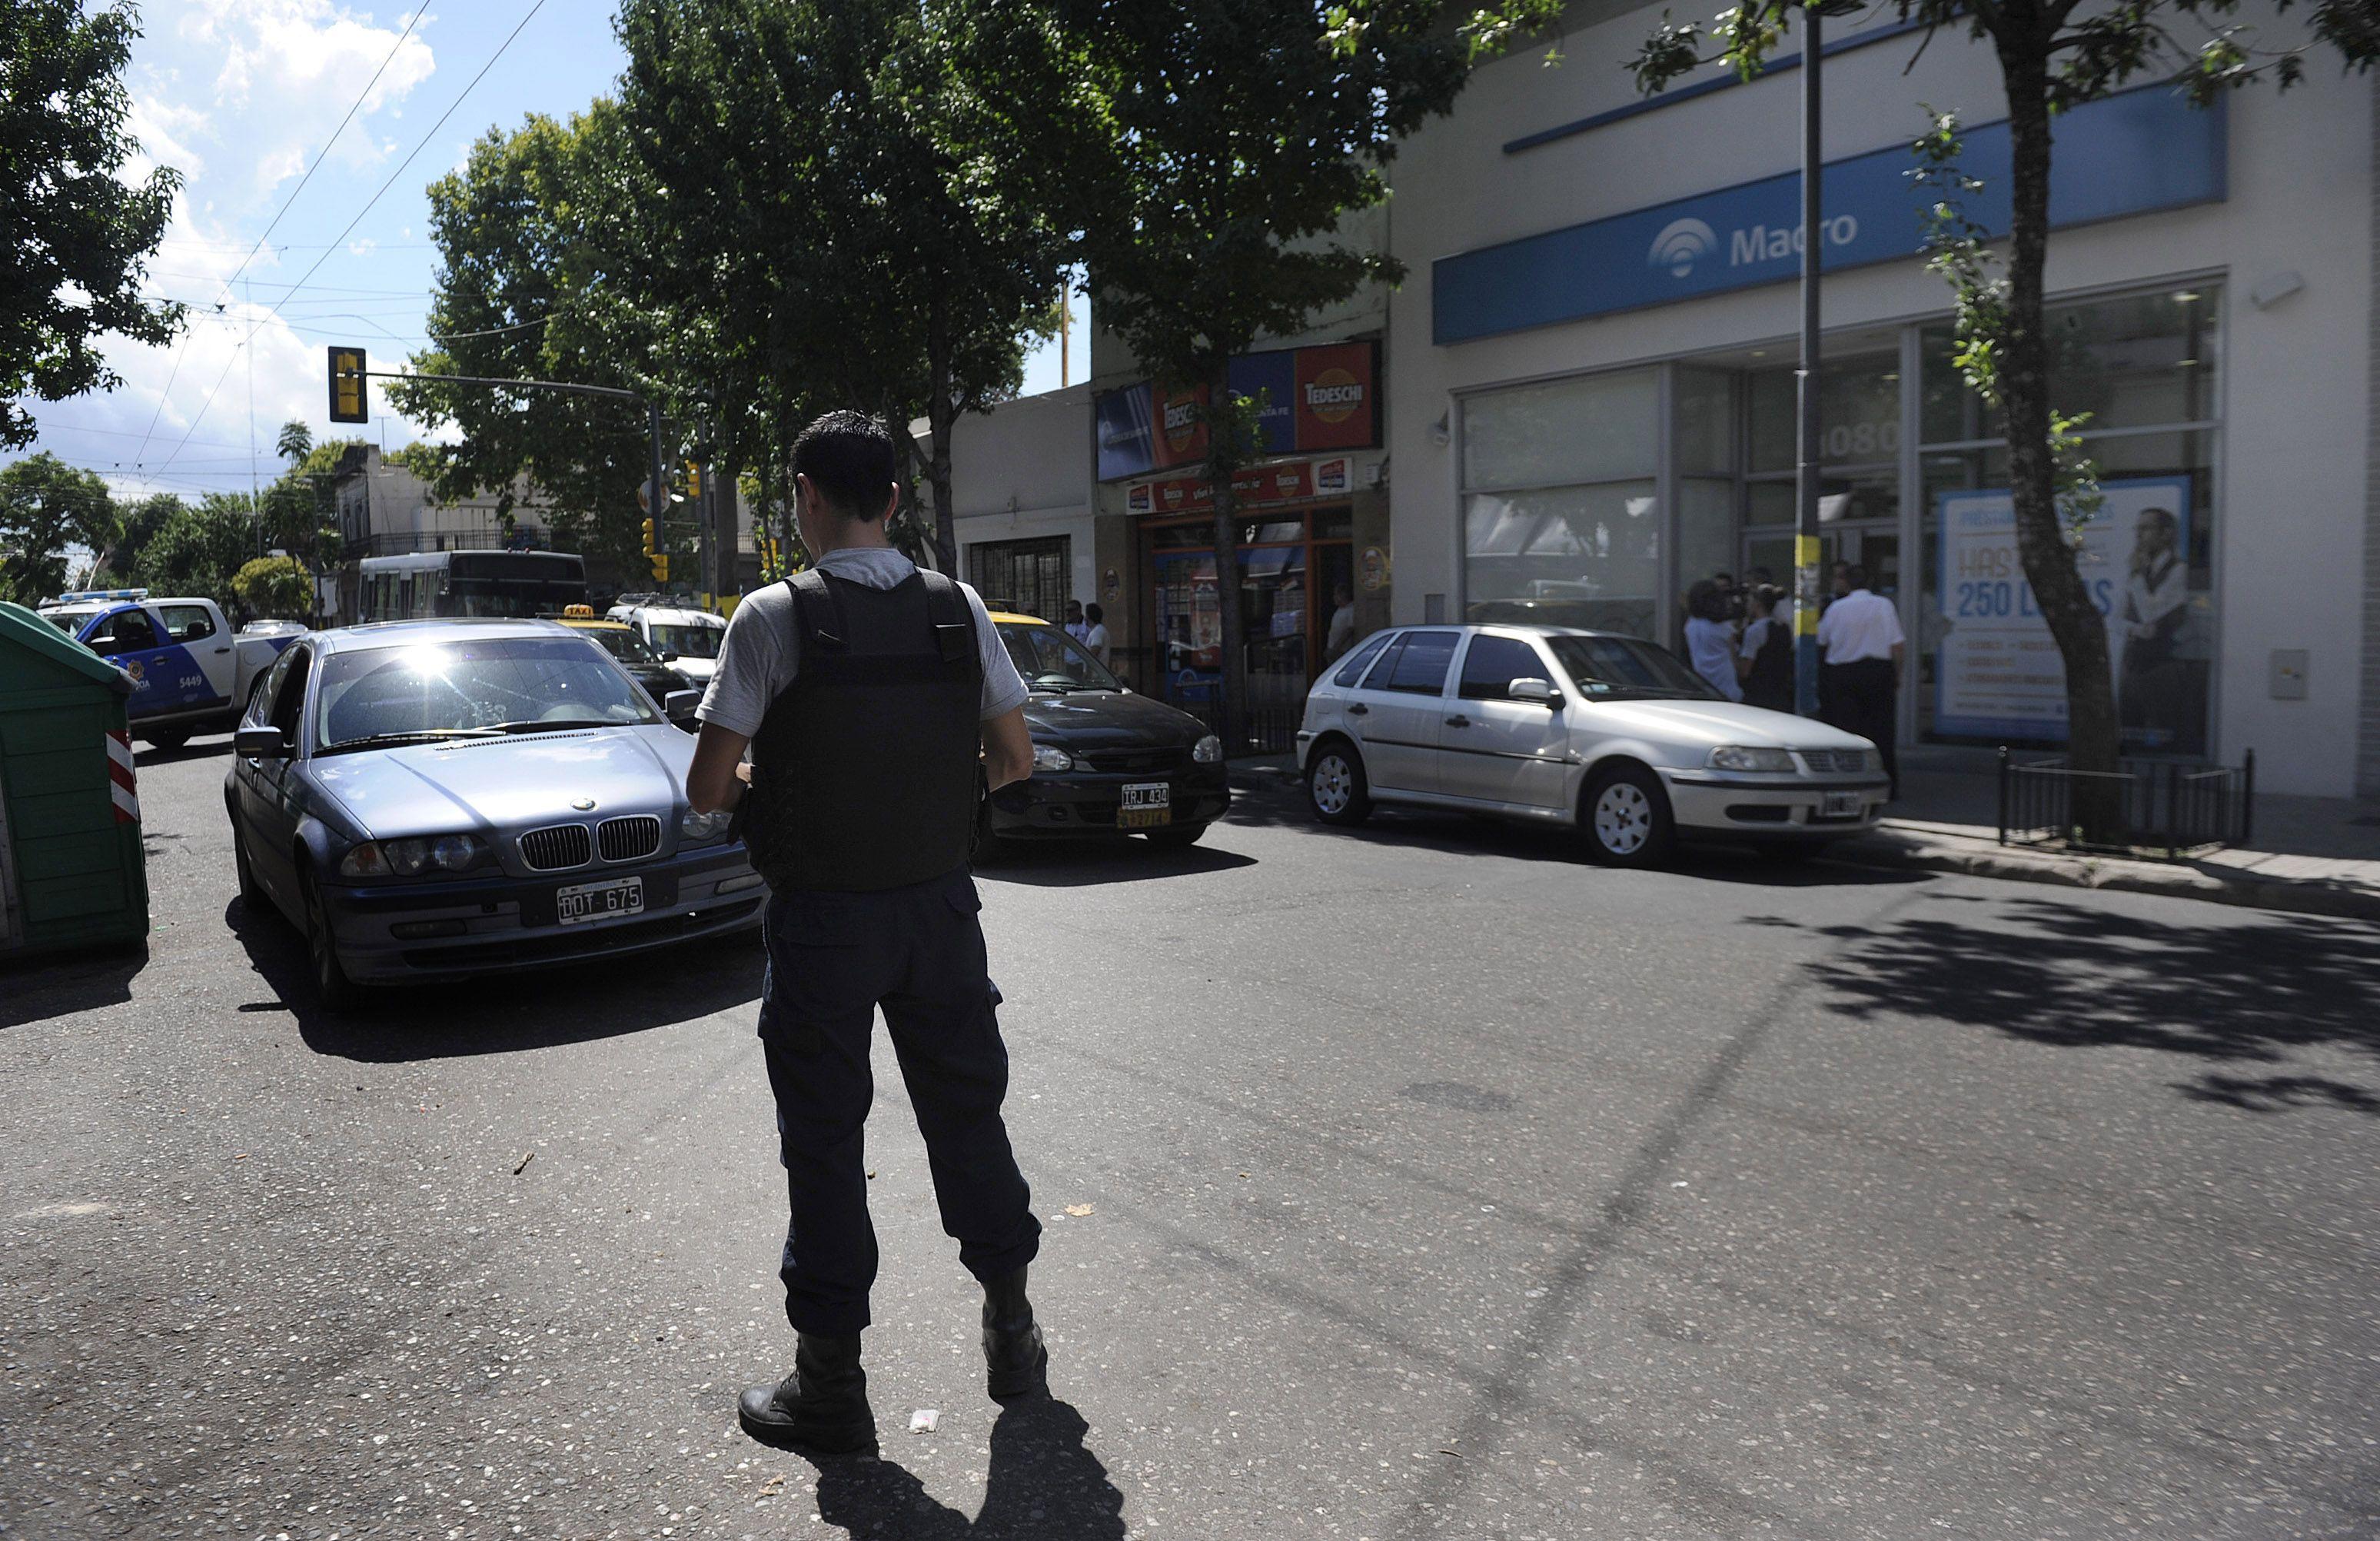 El BMW en el que llegaron las víctimas quedó en doble fila frente a la entidad financiera de Echesortu. (Foto: V. Benedetto)